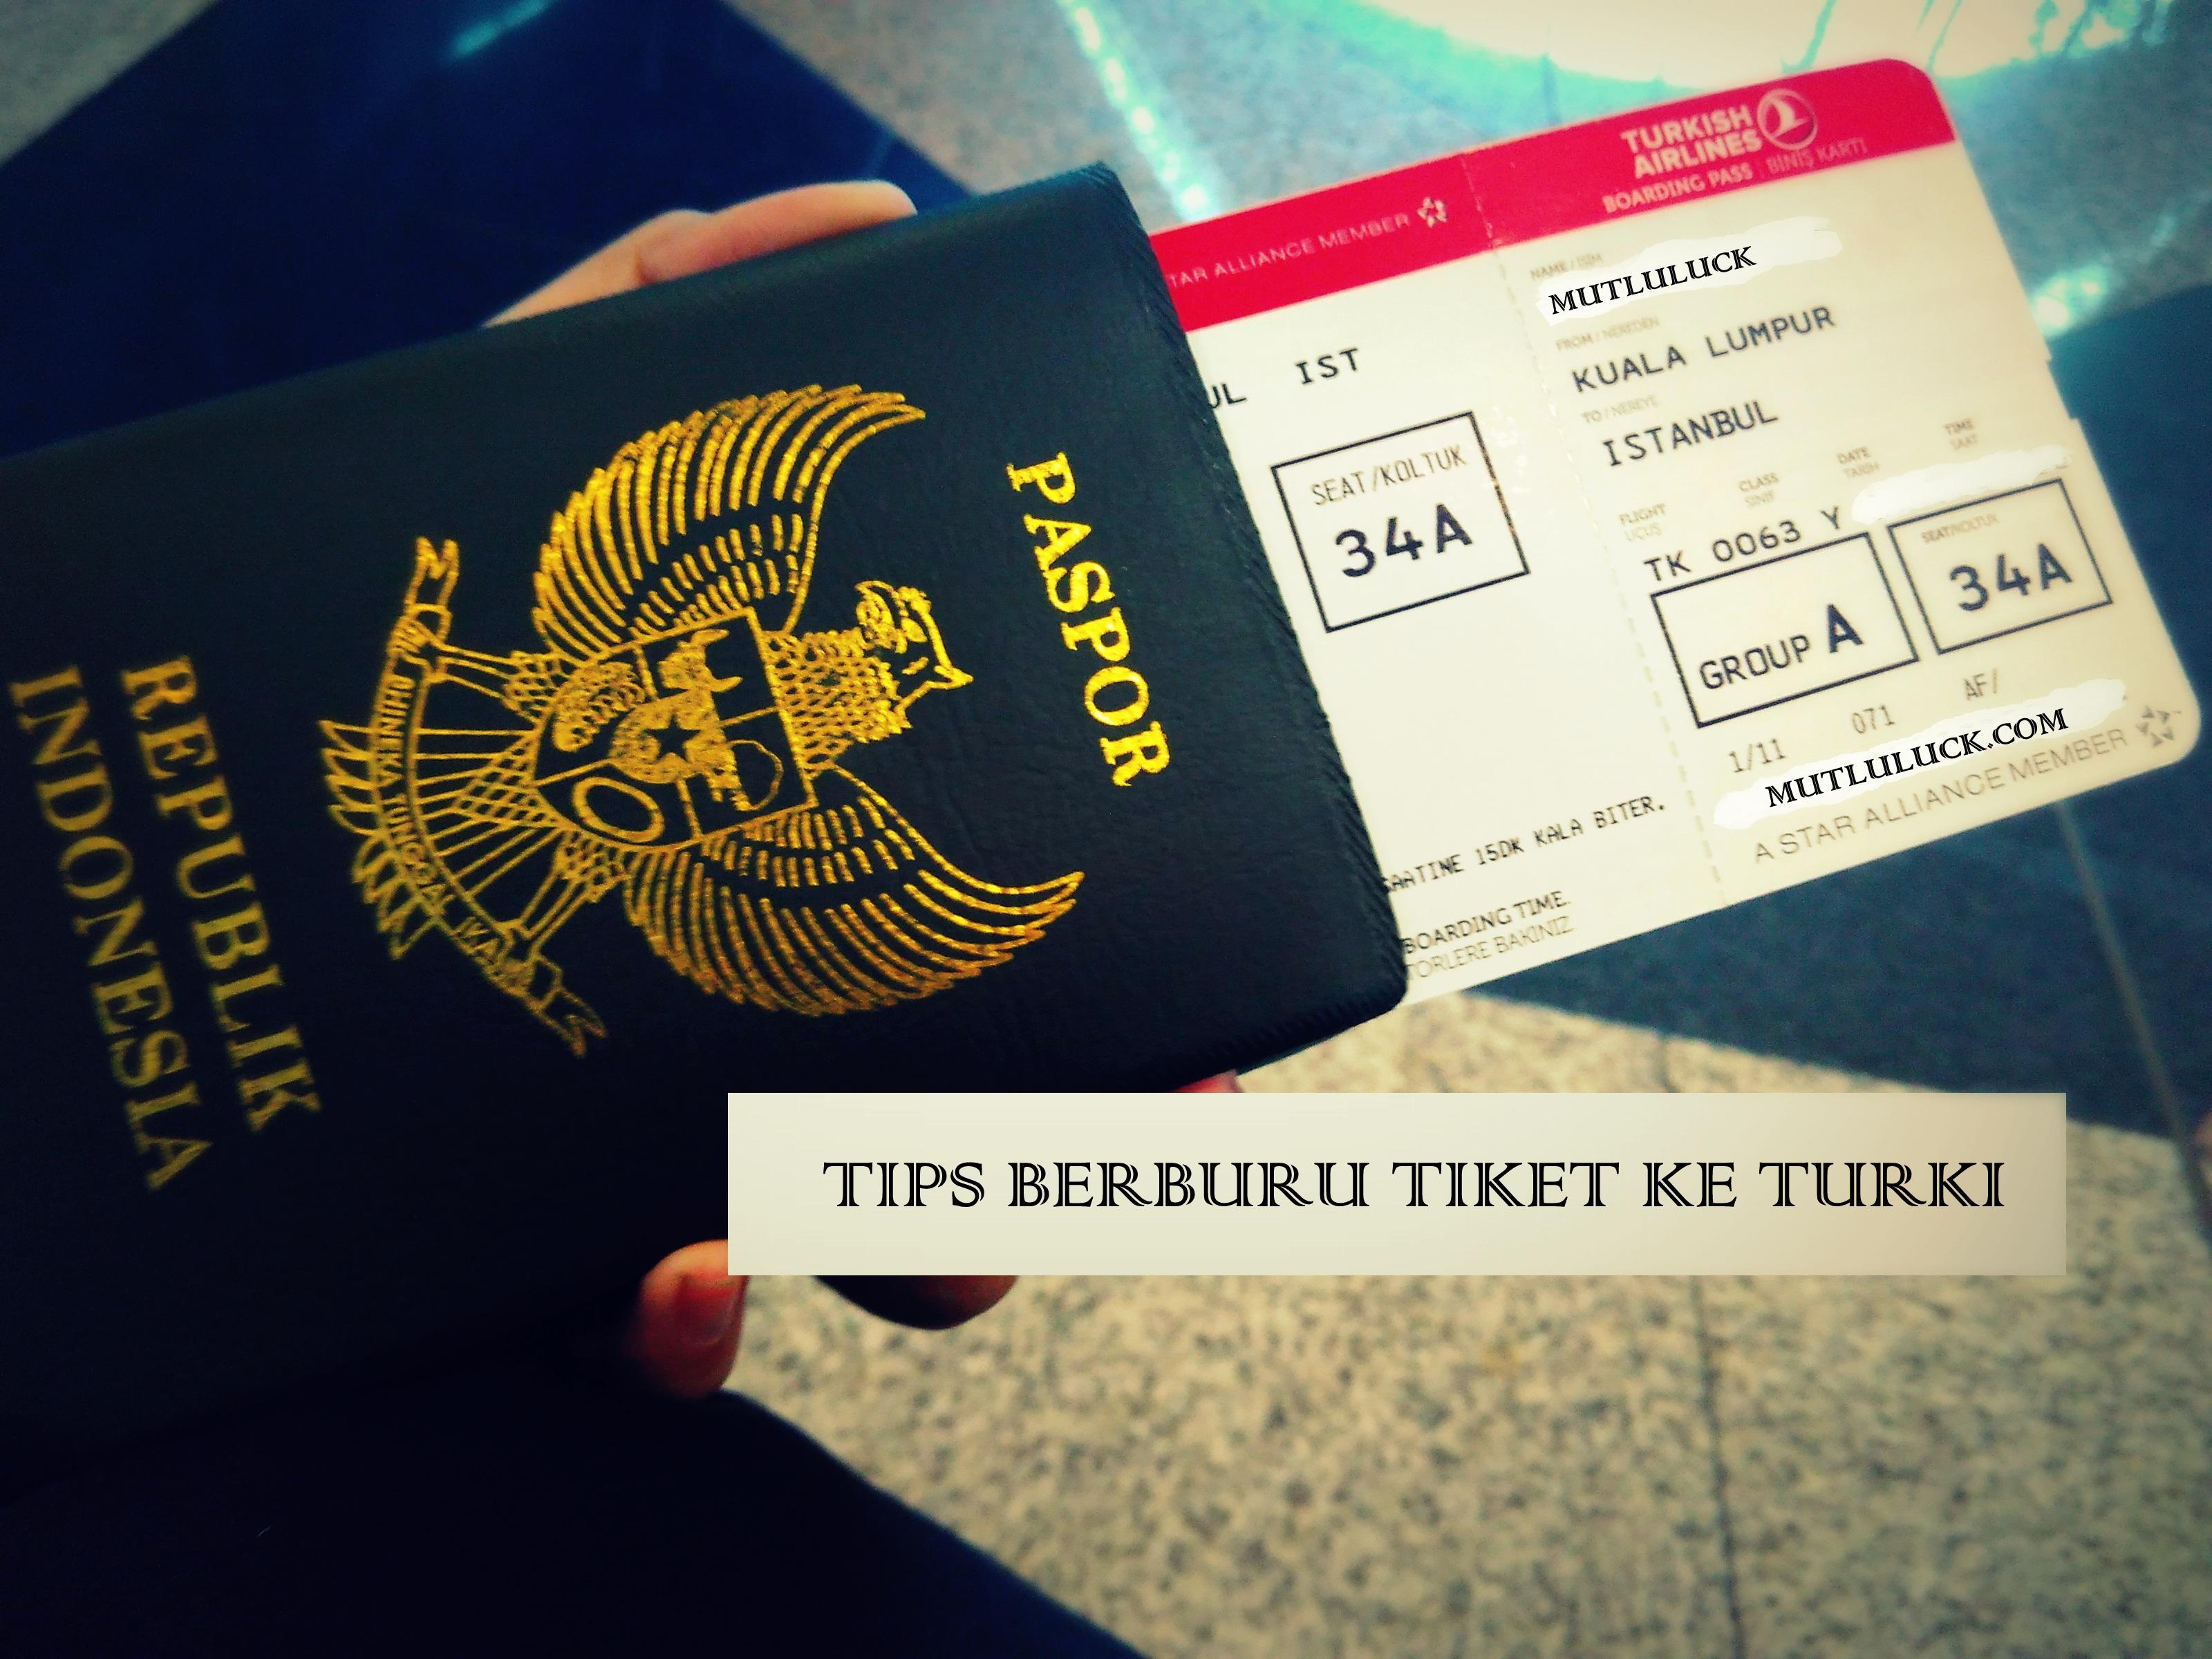 Tiket Pesawat Saudi Indonesia Inspirasi Muslim